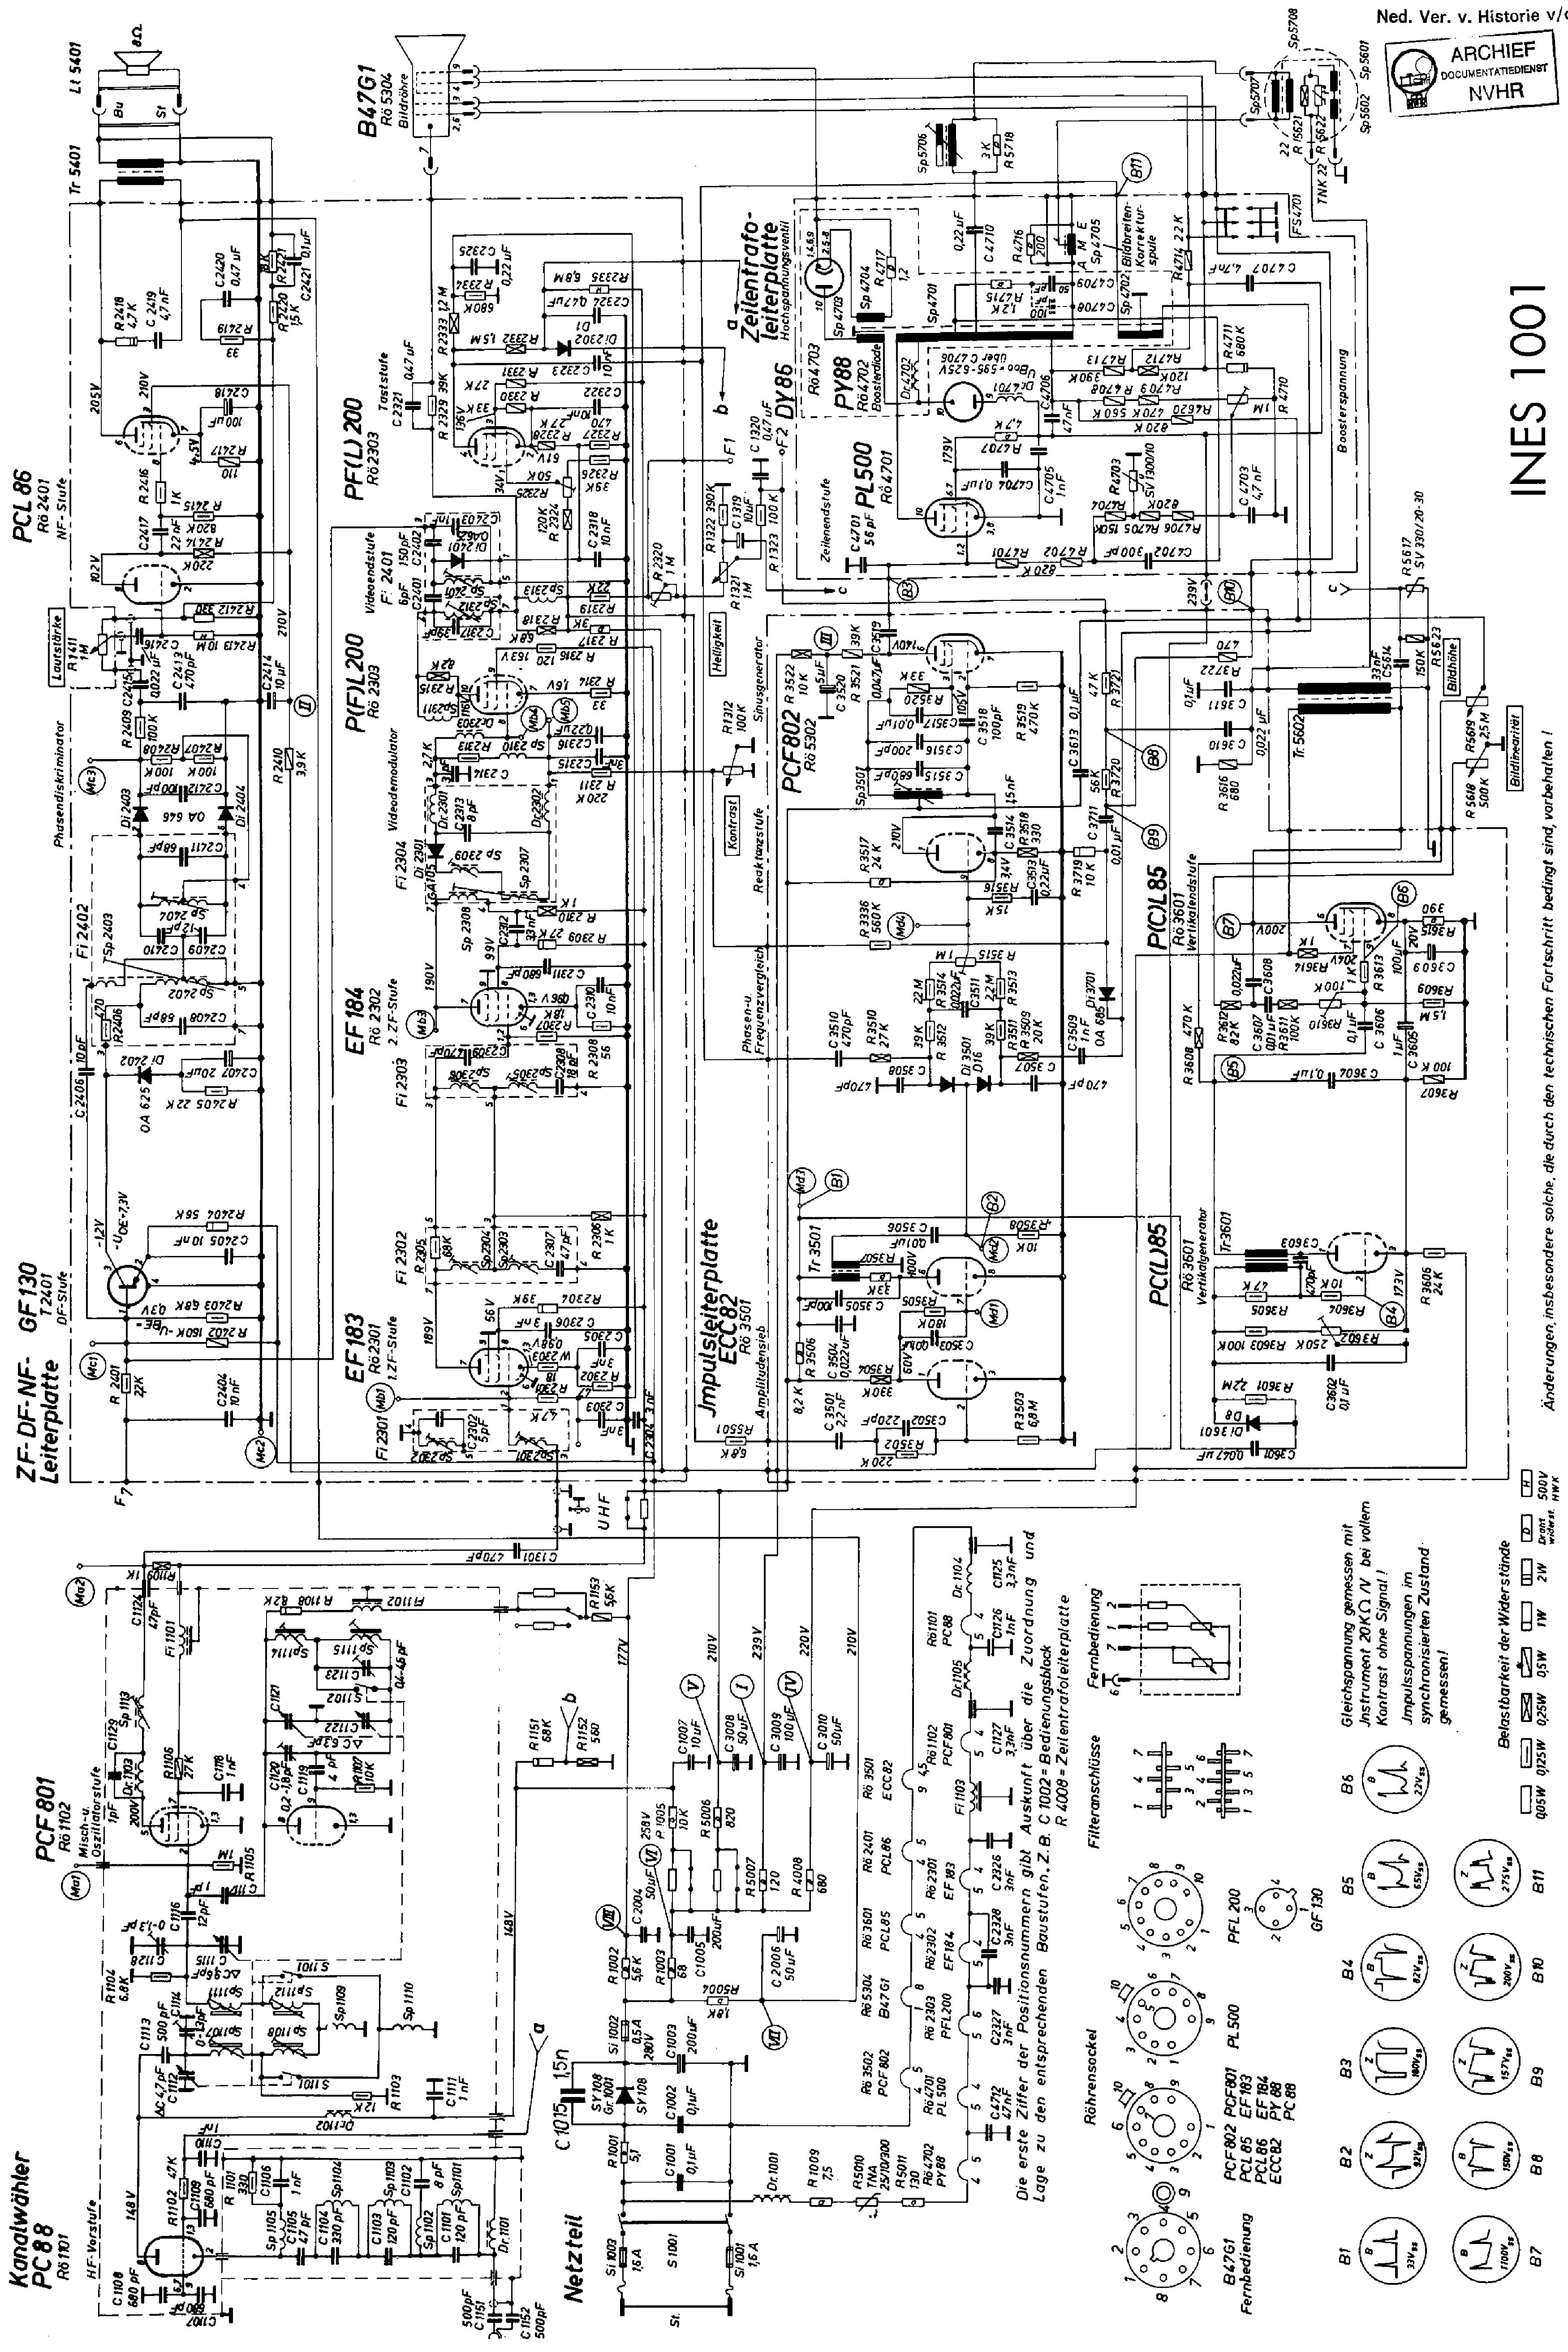 Rft Colormat Ca Sm Service Manual Download